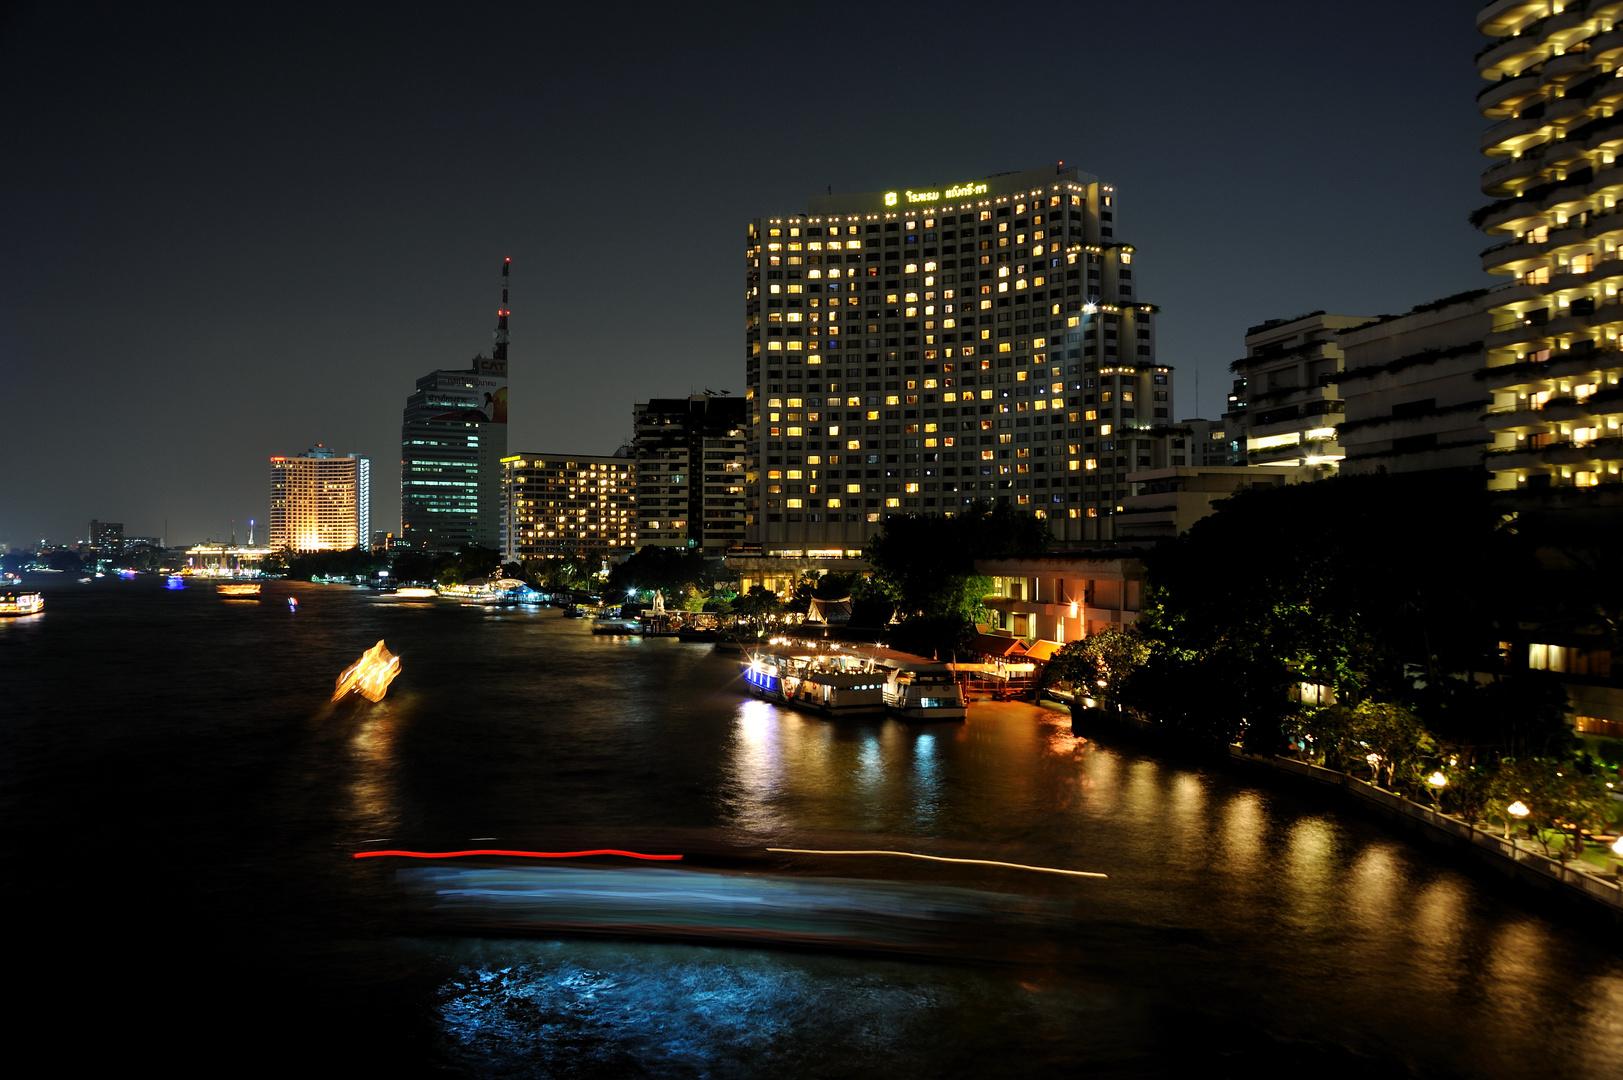 at night at the Chao Phraya